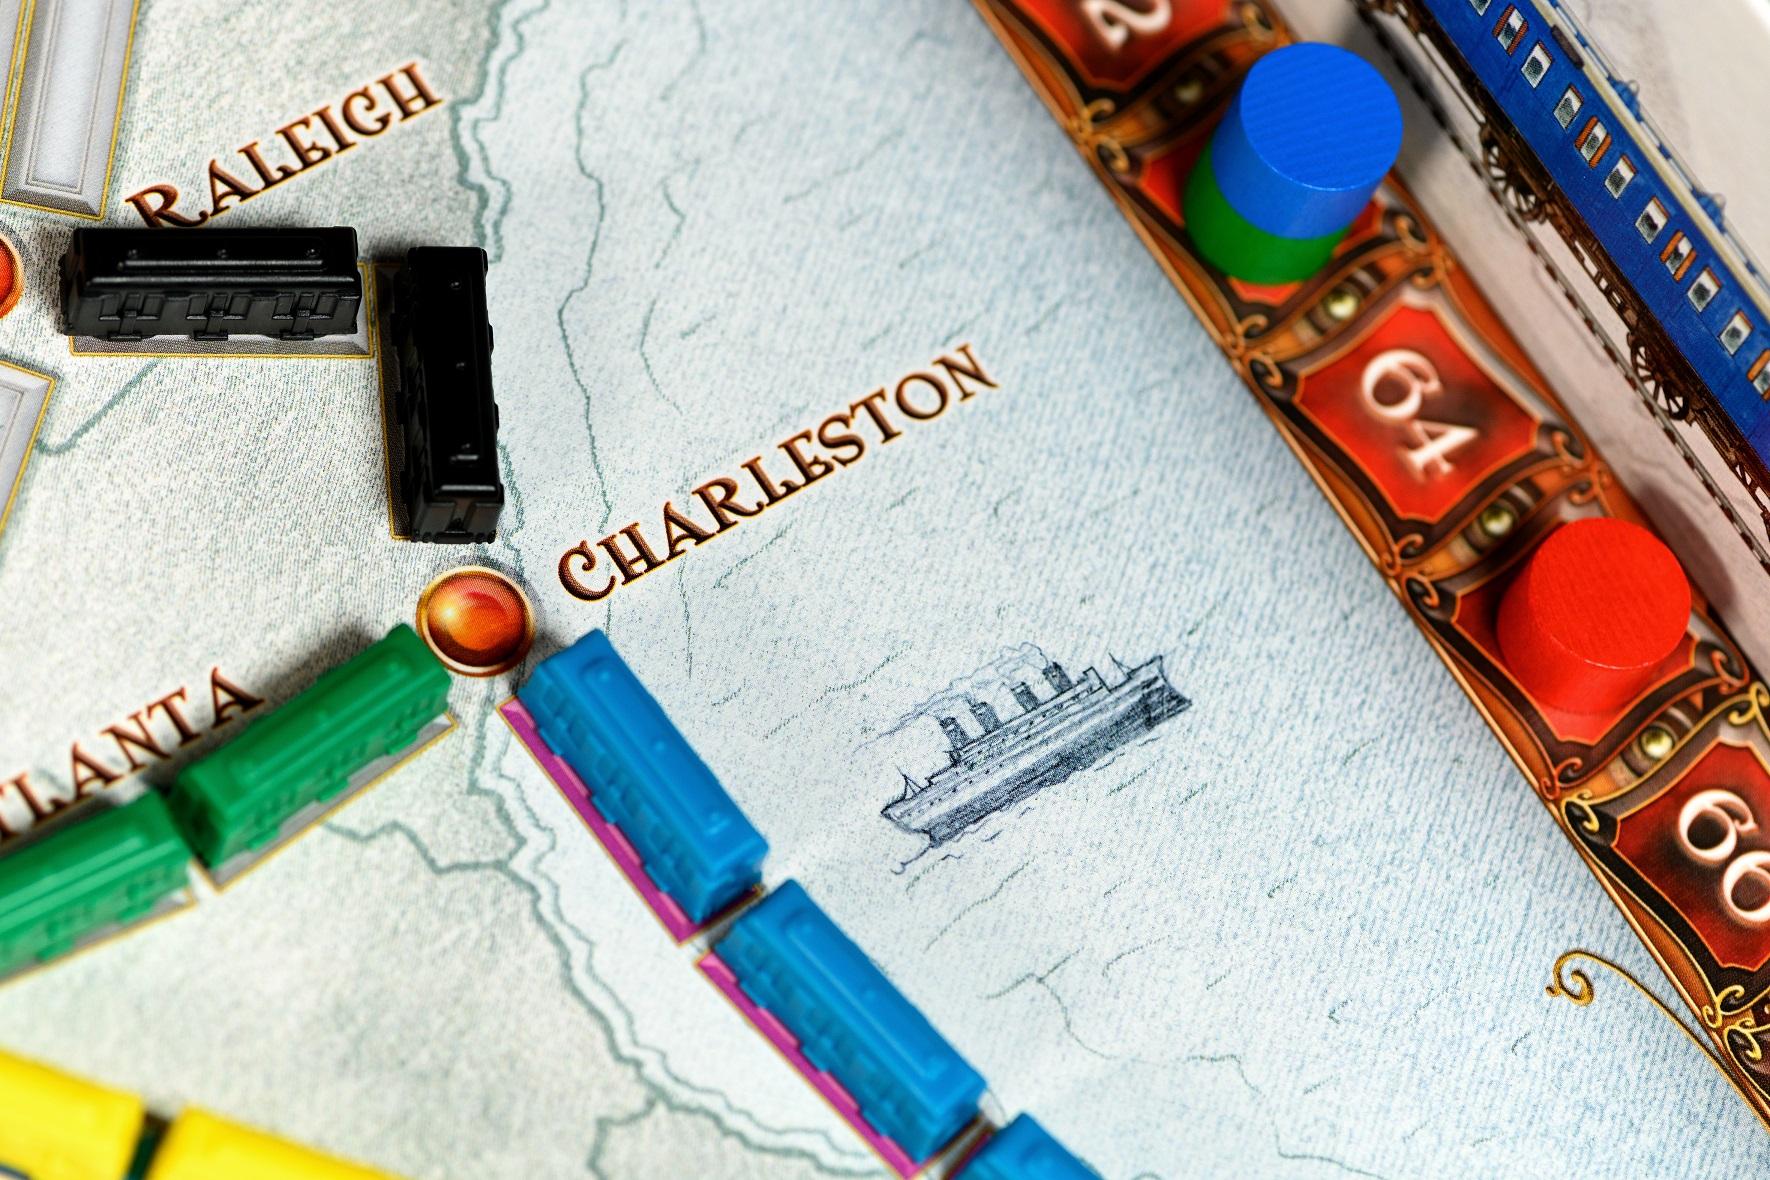 Stwórz połączenia kolejowe między największymi miastami USA!